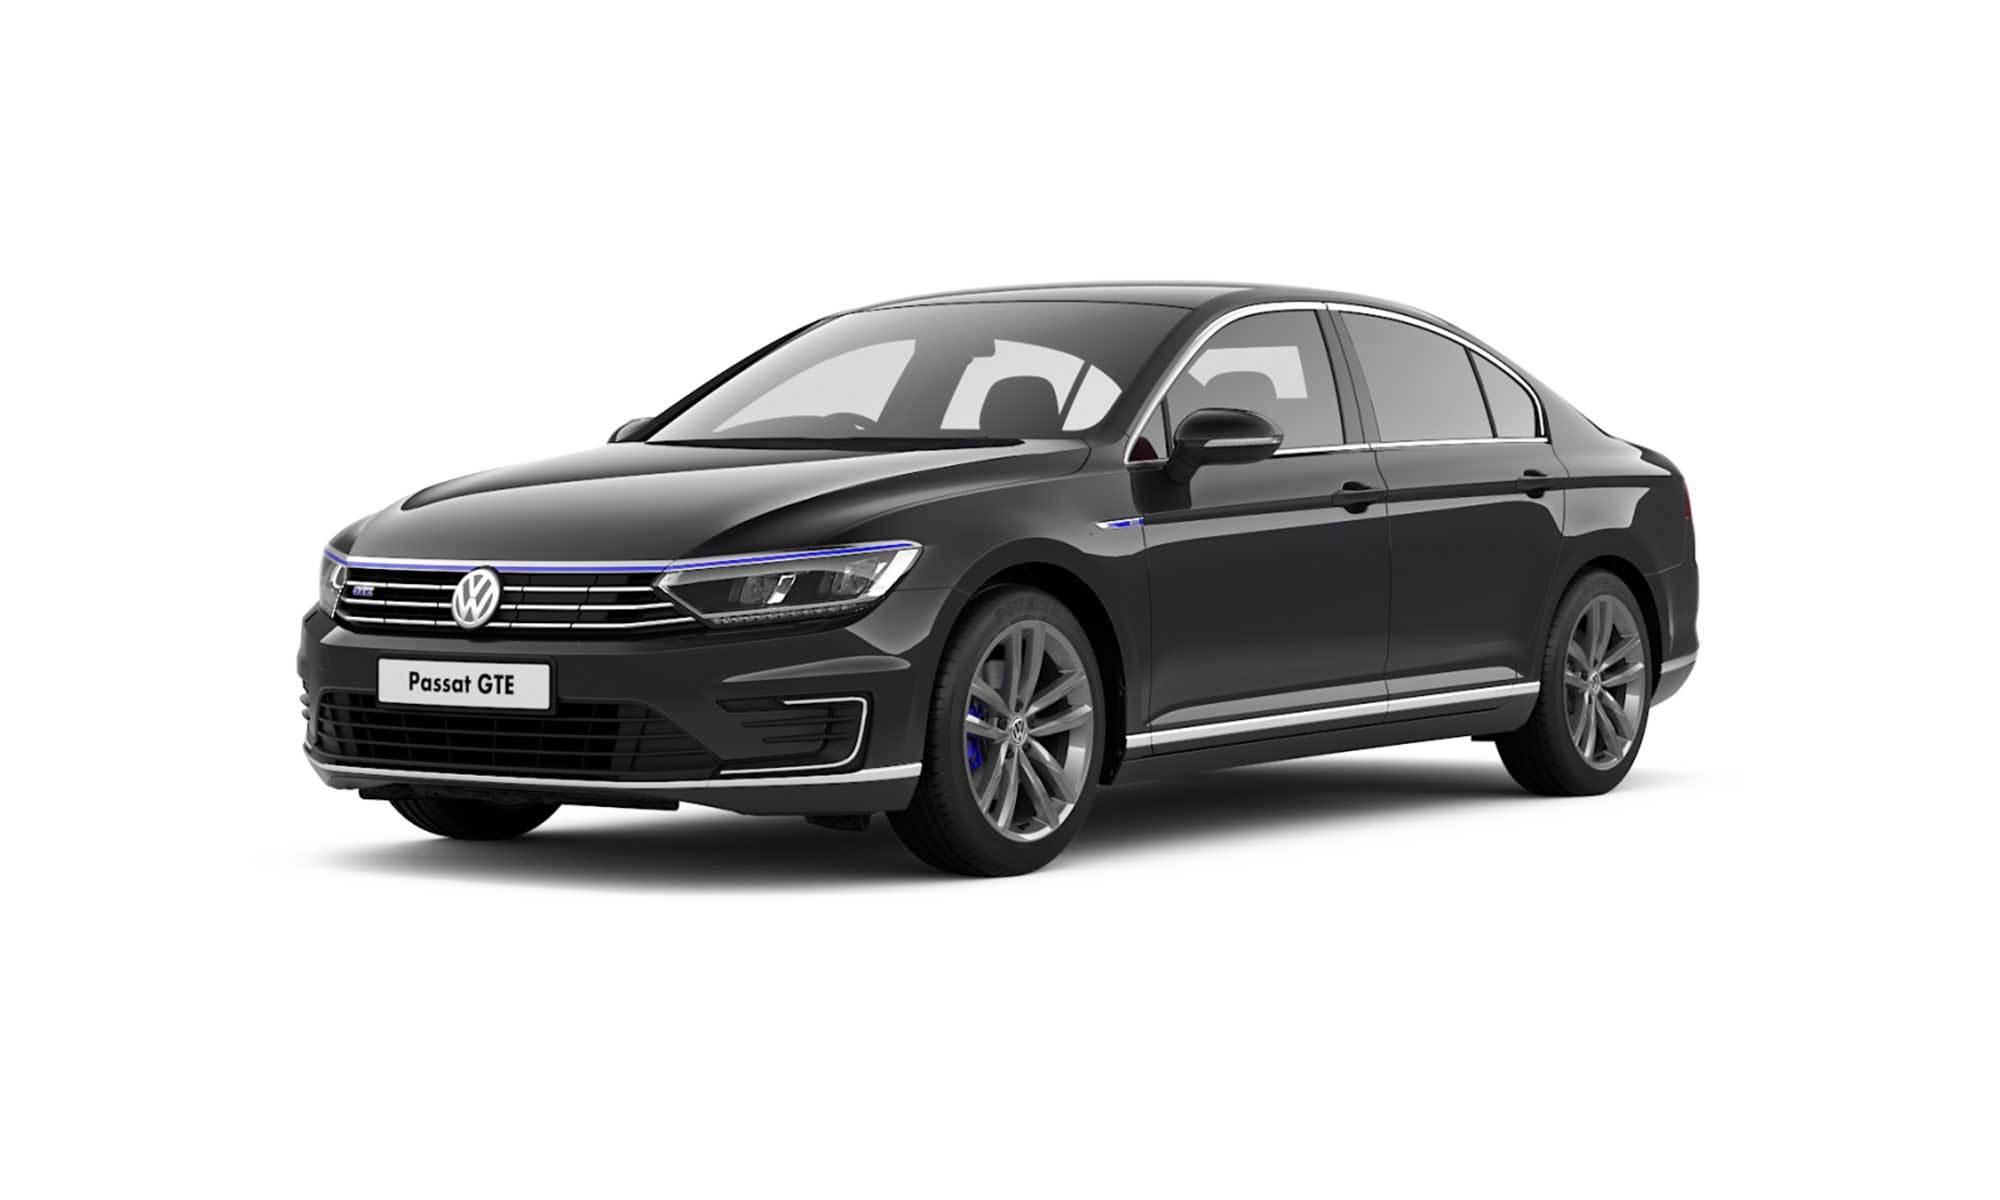 Volkswagen Passat GTE (2015)